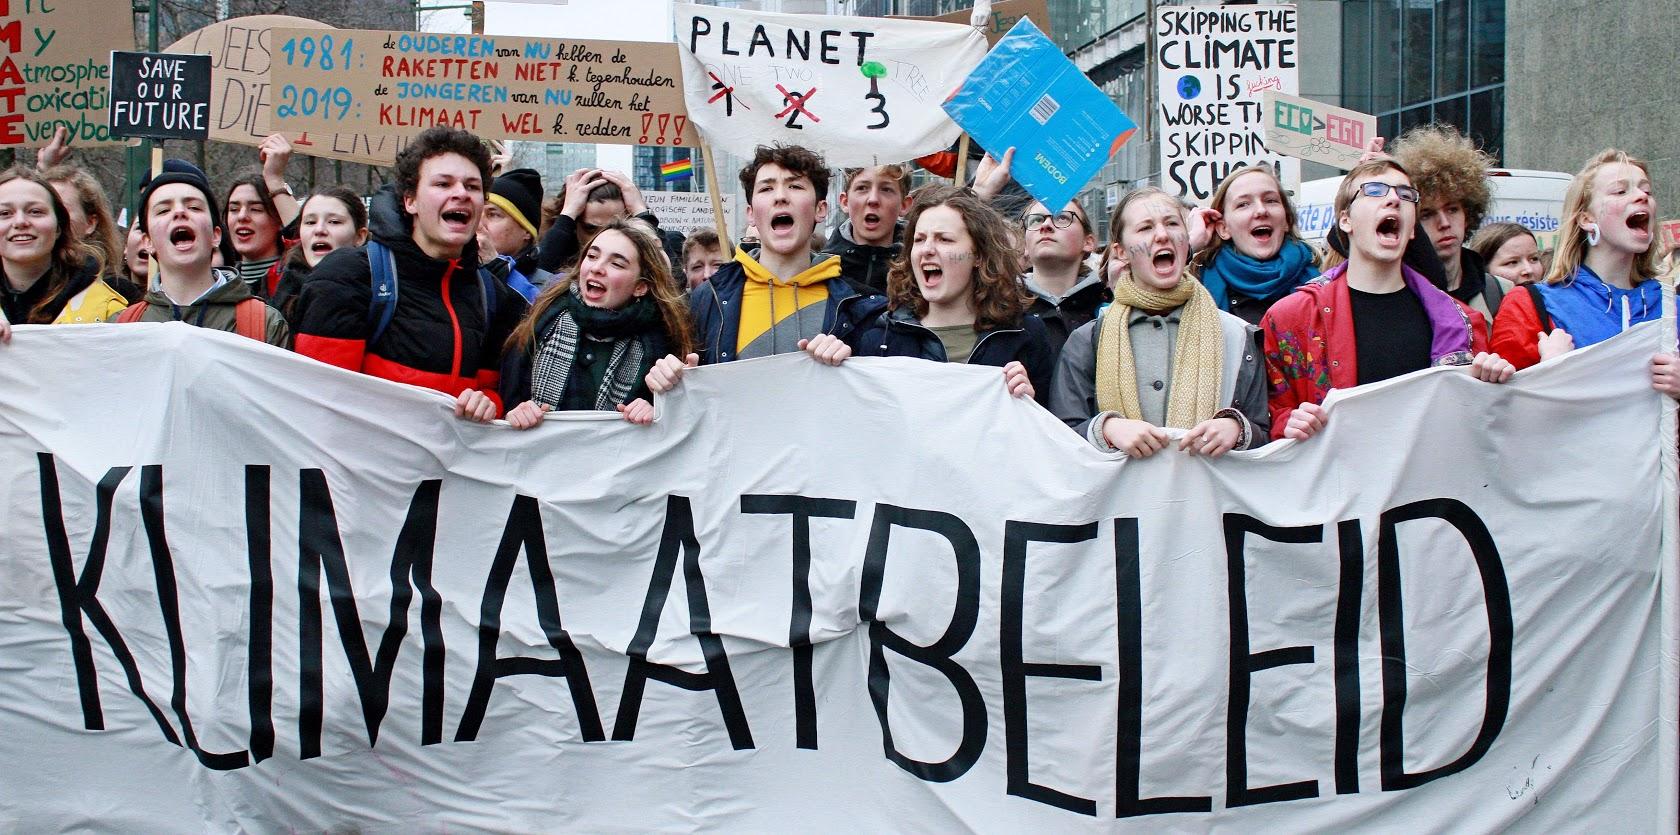 Geen doortastende klimaatmaatregelen op komst met deze regeringen